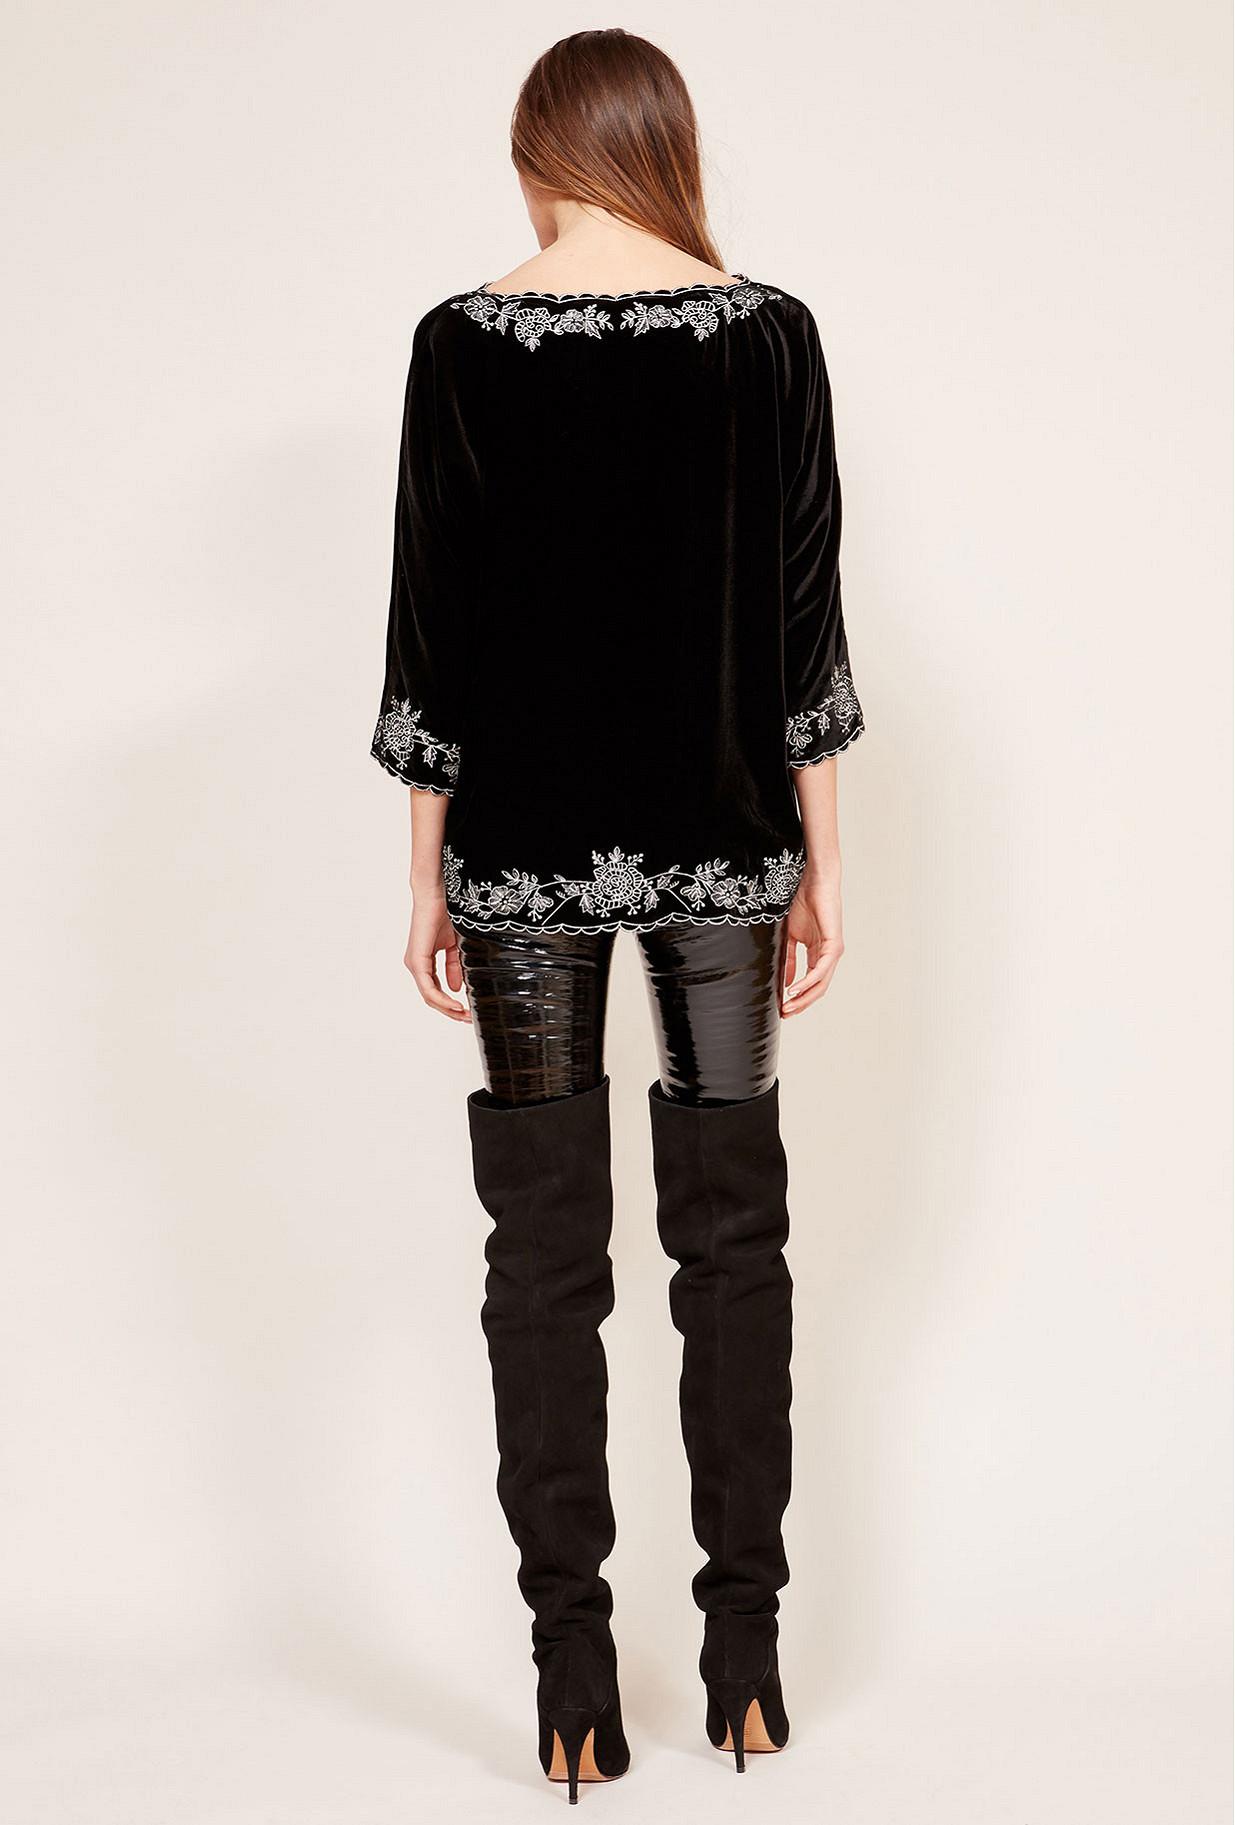 Black  Top  Matter Mes demoiselles fashion clothes designer Paris